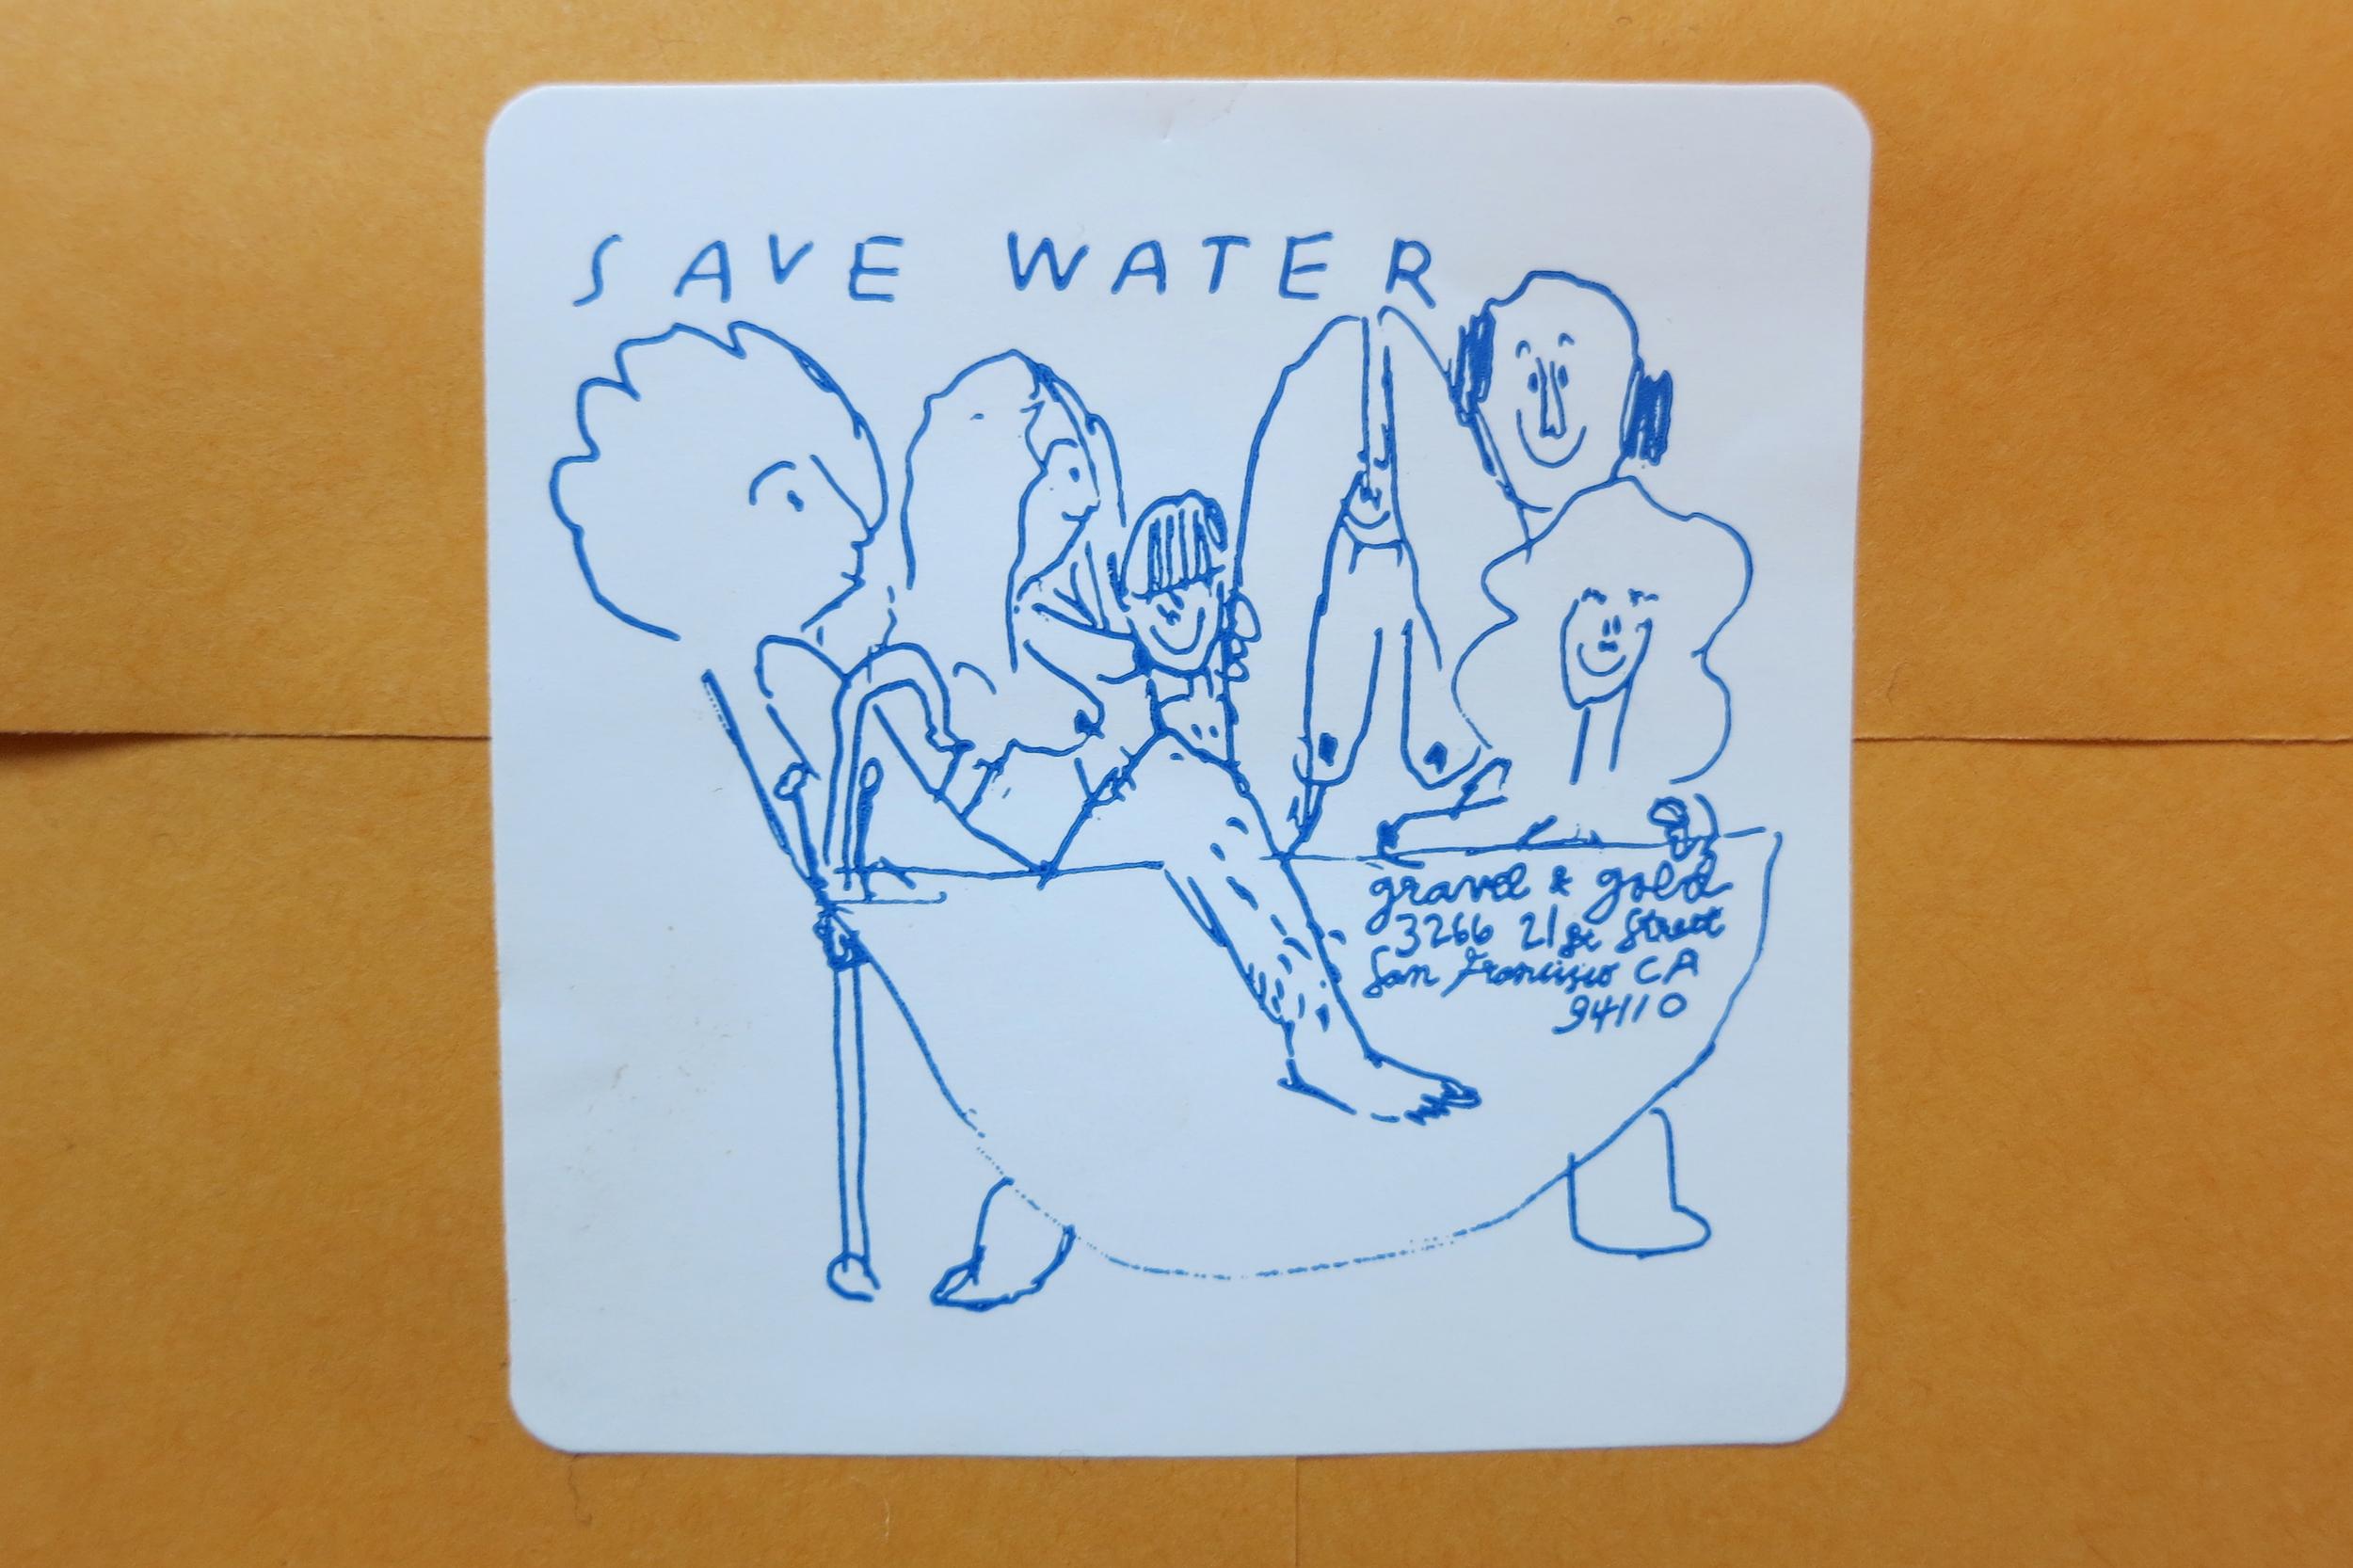 Save Water Sticker, 2014